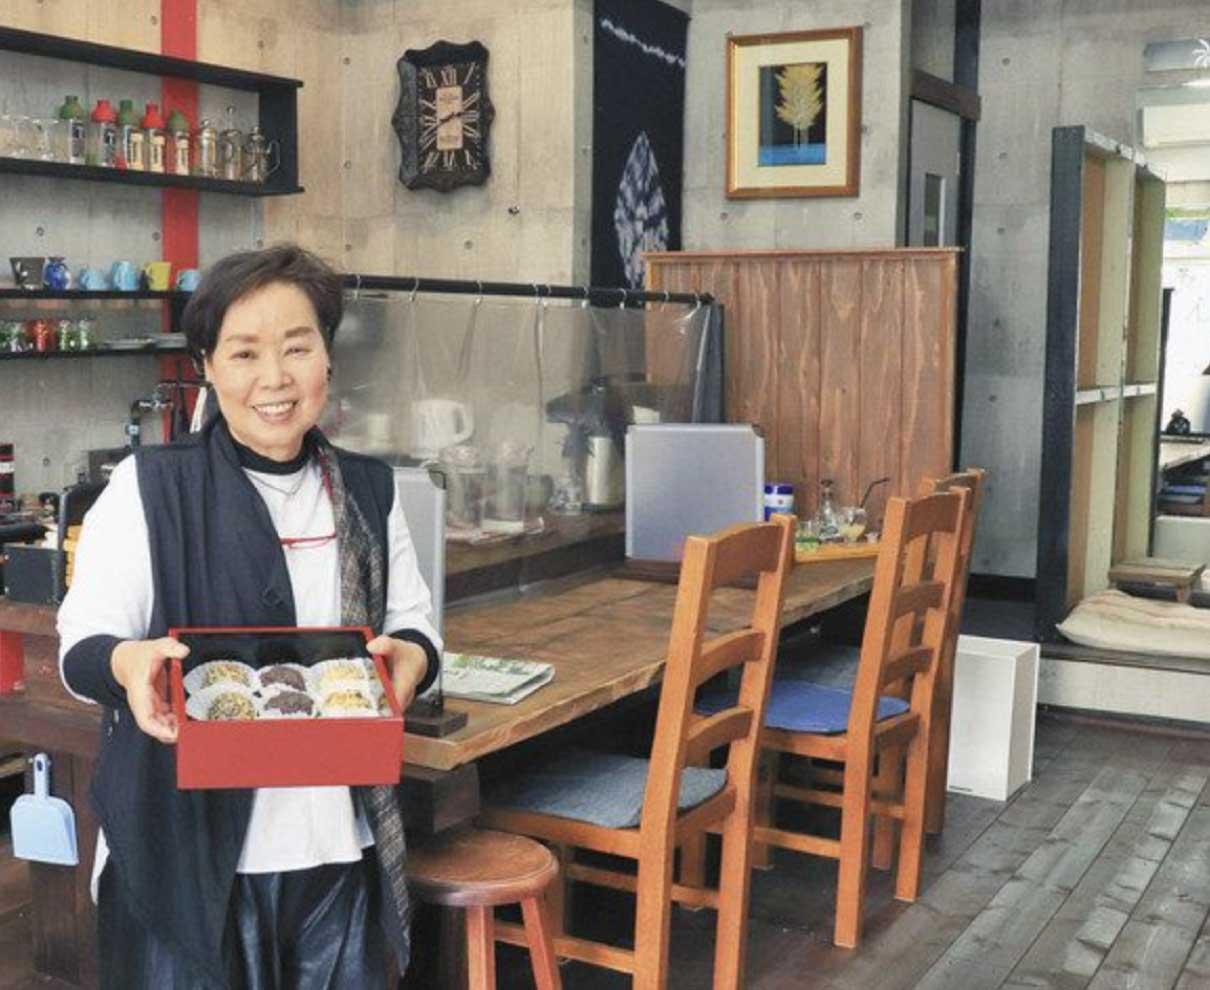 名物洋服店が喫茶店に 大嶋さん「和みとなる店に」 福井・新栄テラス